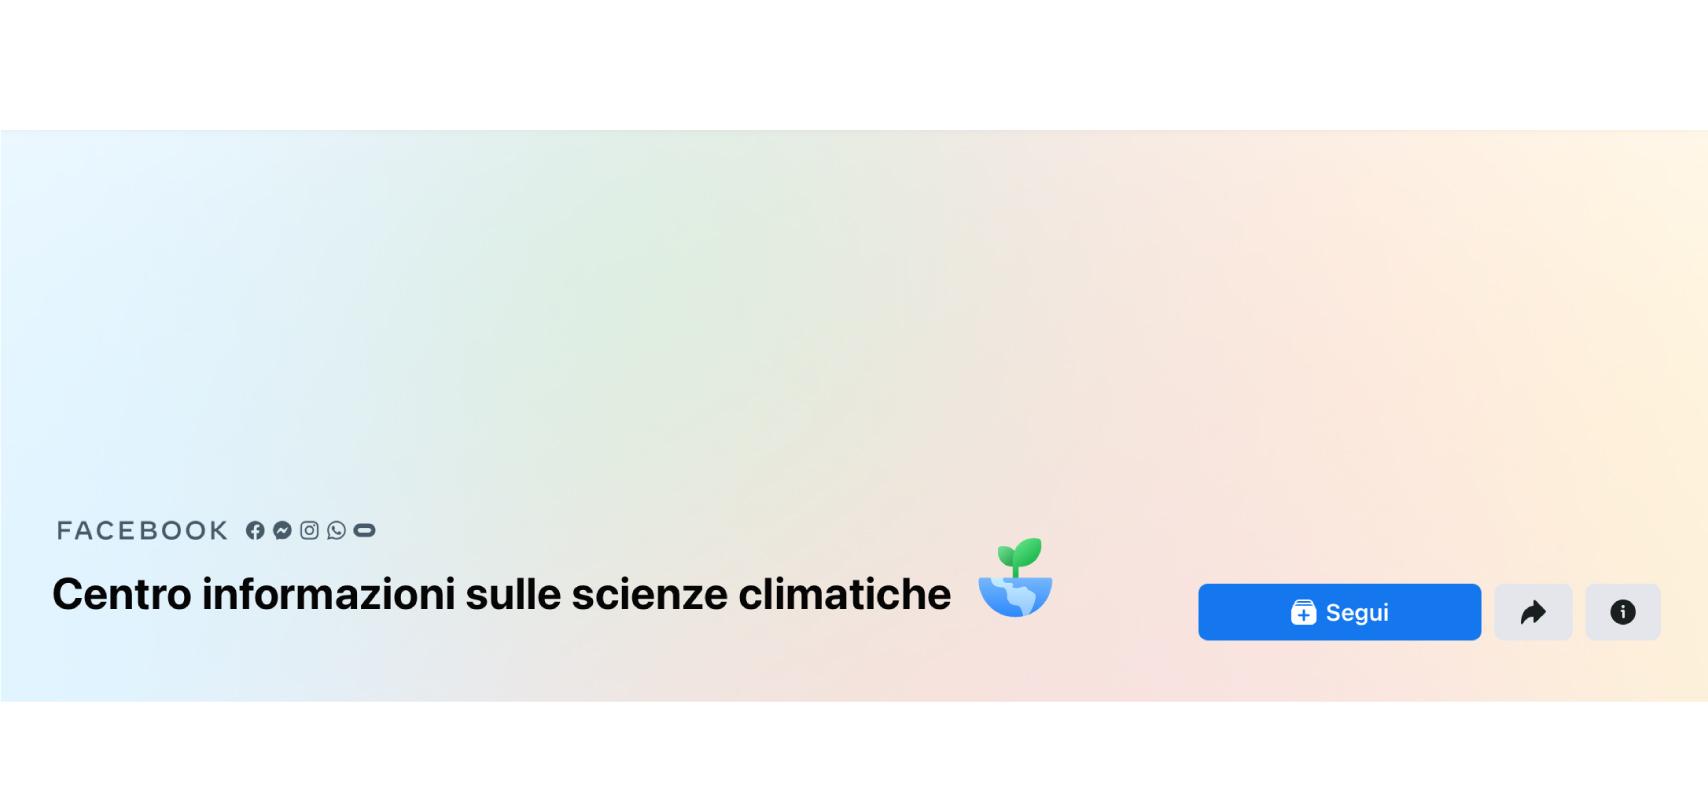 banner Facebook ricerca sulle scienze climatiche